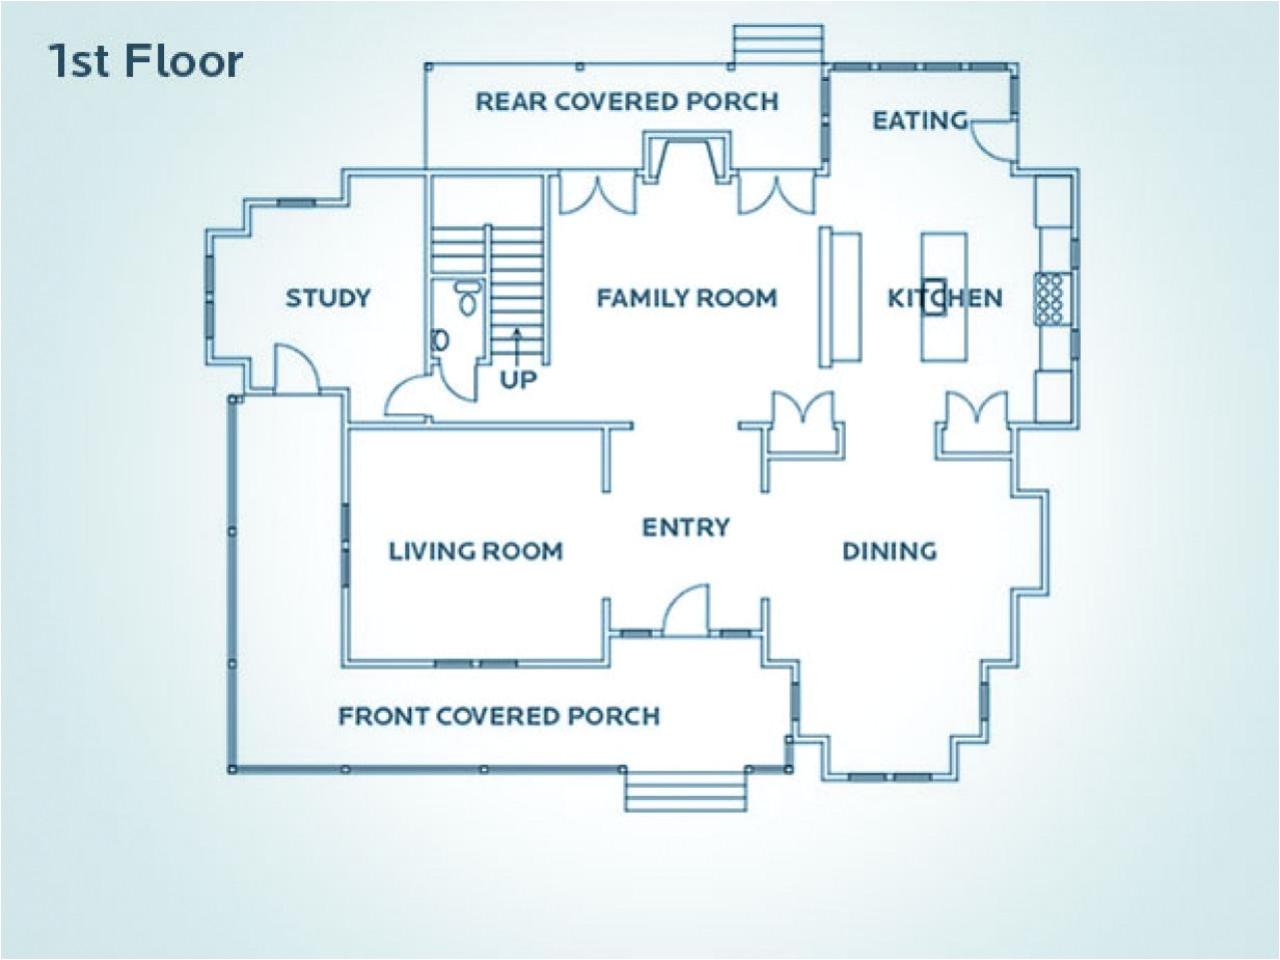 3321e83cb46e2ed8 2006 hgtv dream home hgtv dream home 2009 floor plan